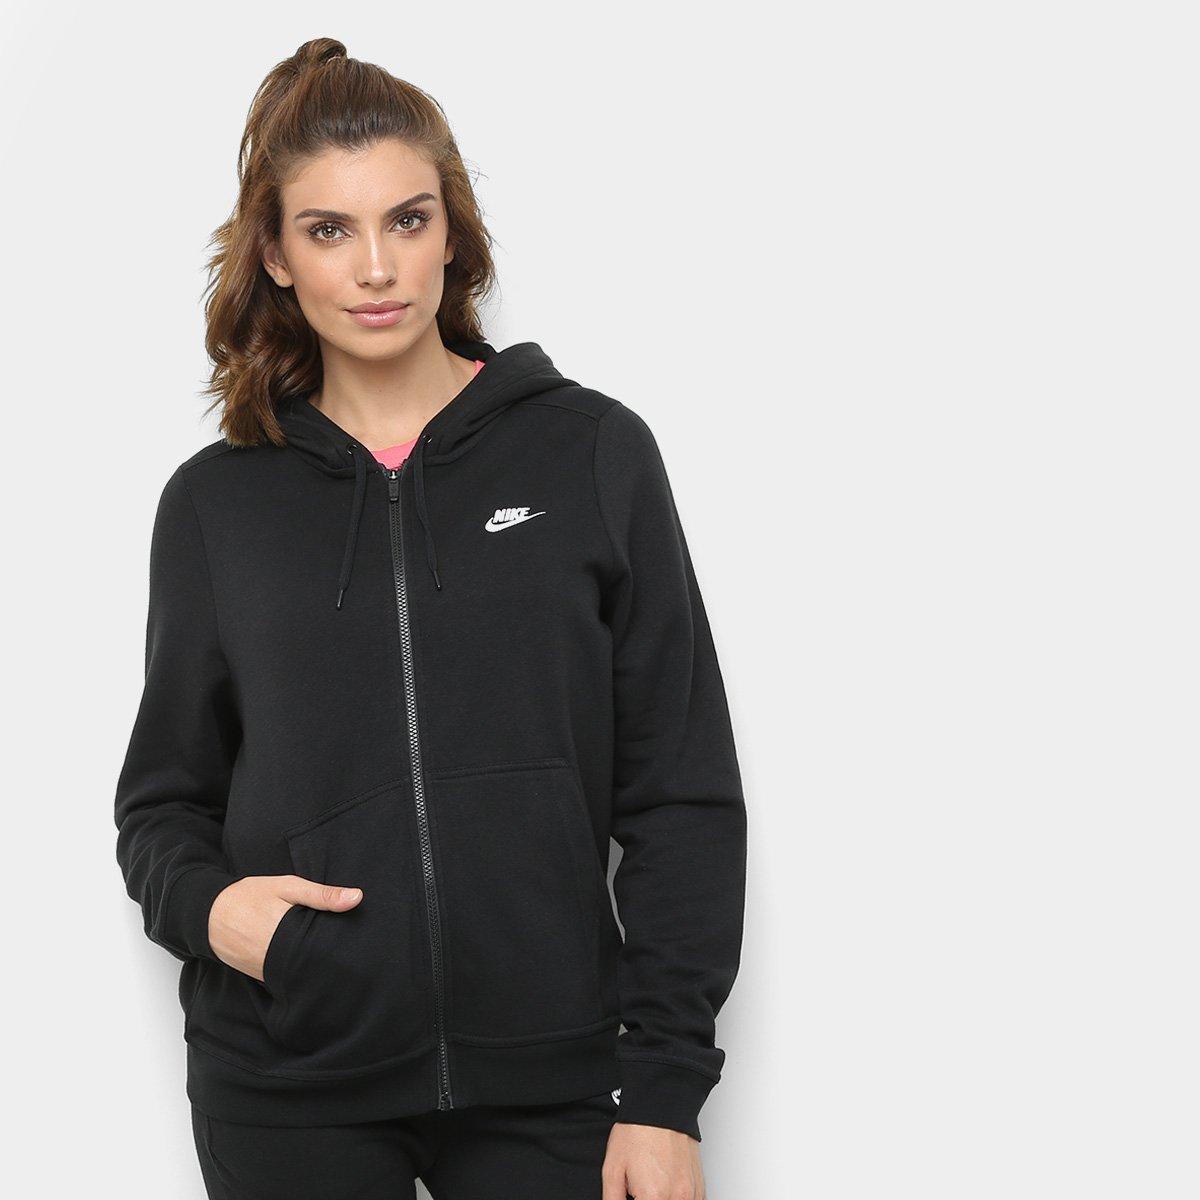 662618be92 Jaqueta Nike Hoodie Feminina - Preto e Branco